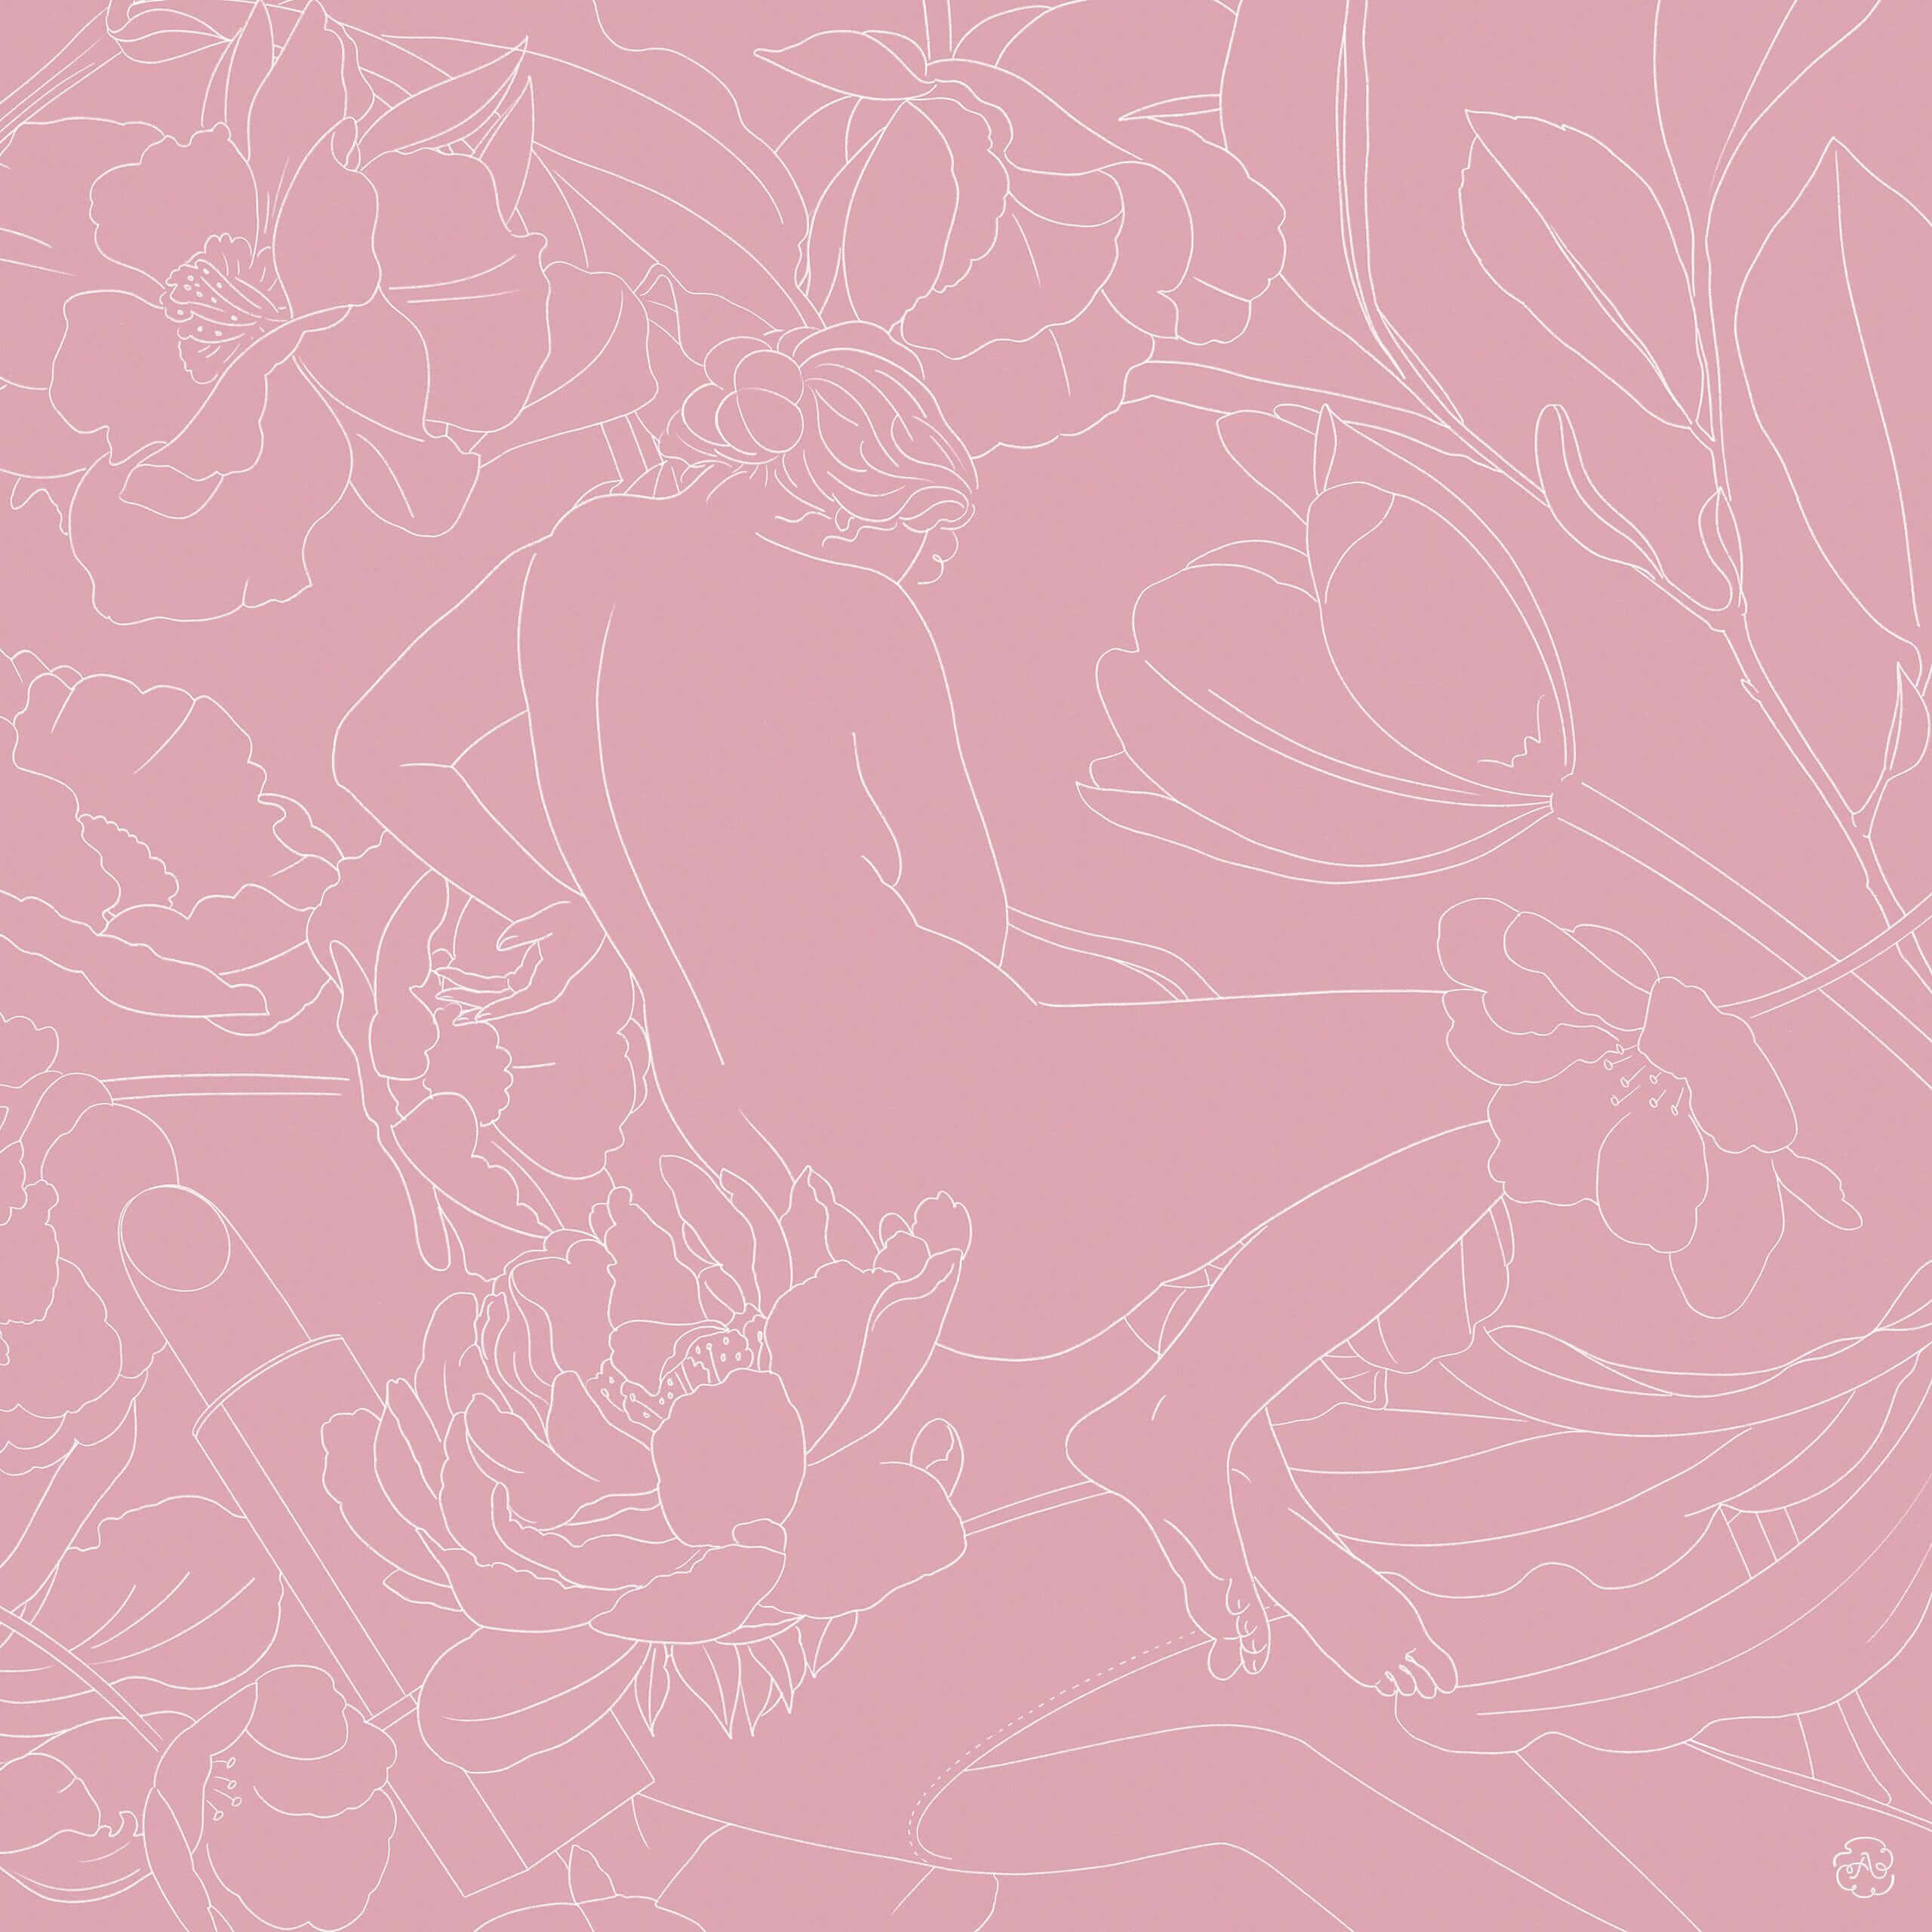 Scarf_Design_Floral_01_LR-2-compressor